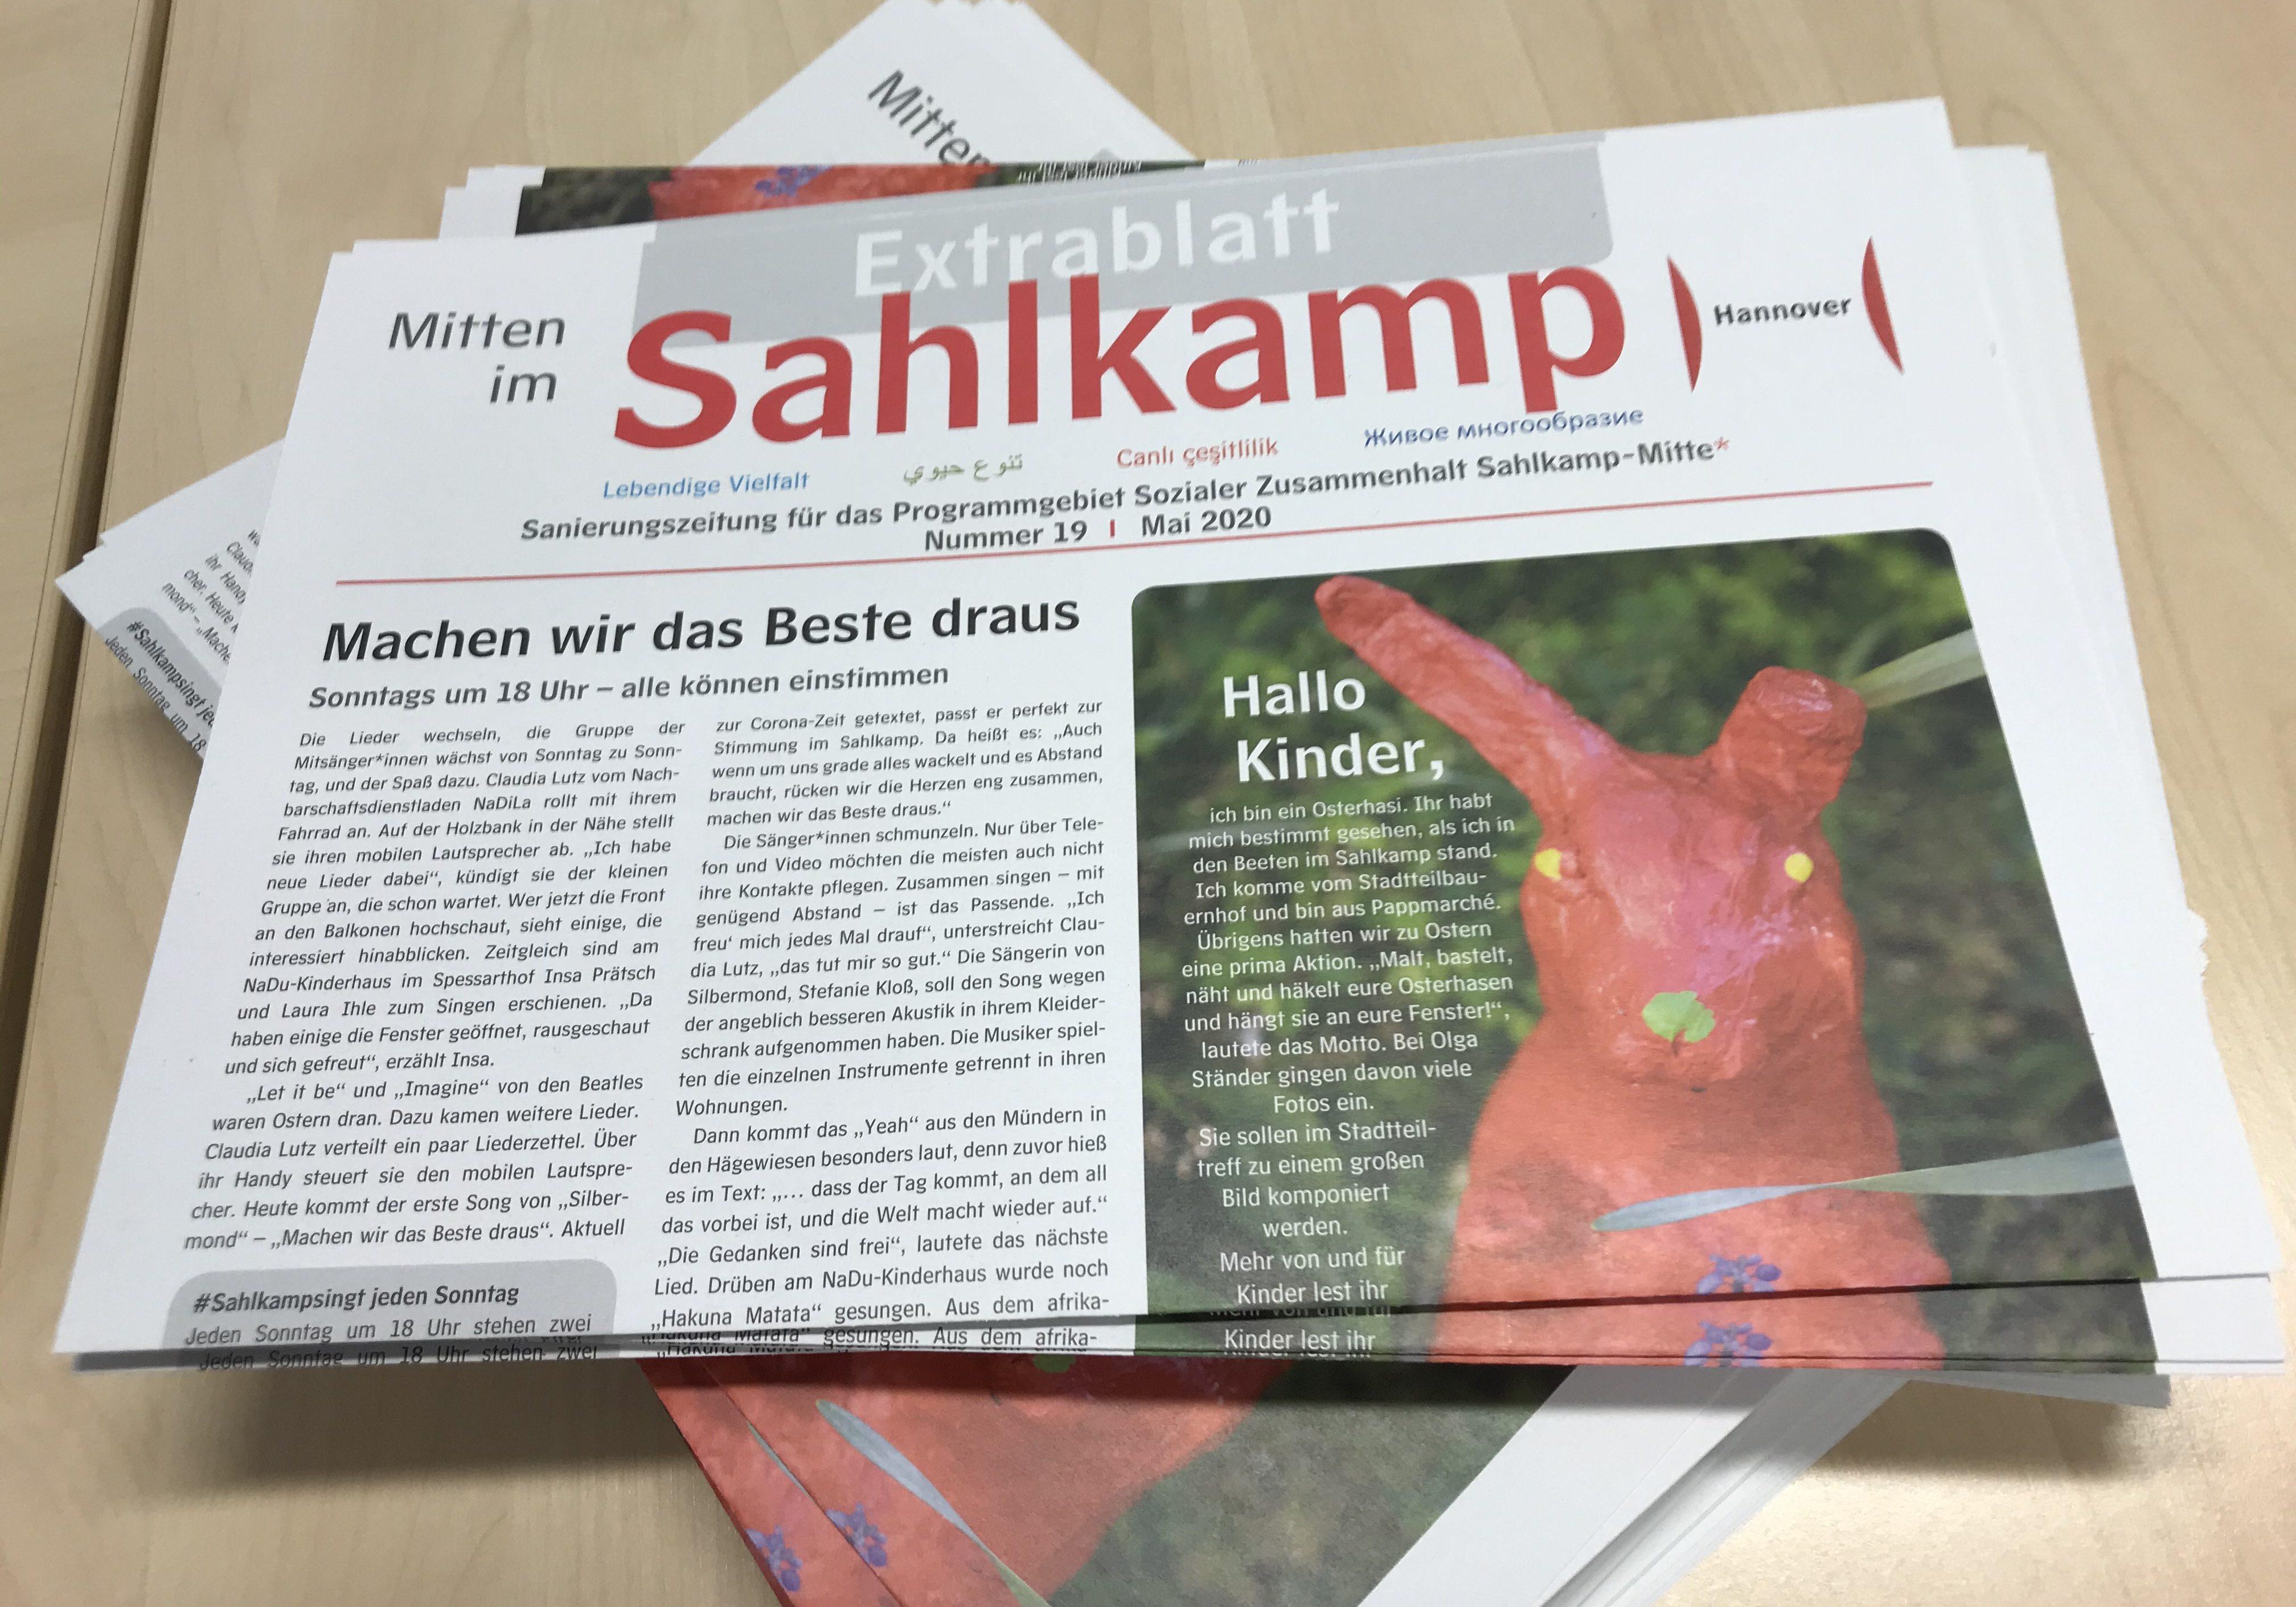 Sahlkamp Extrablatt Originalgröße_Anja Gerhardt